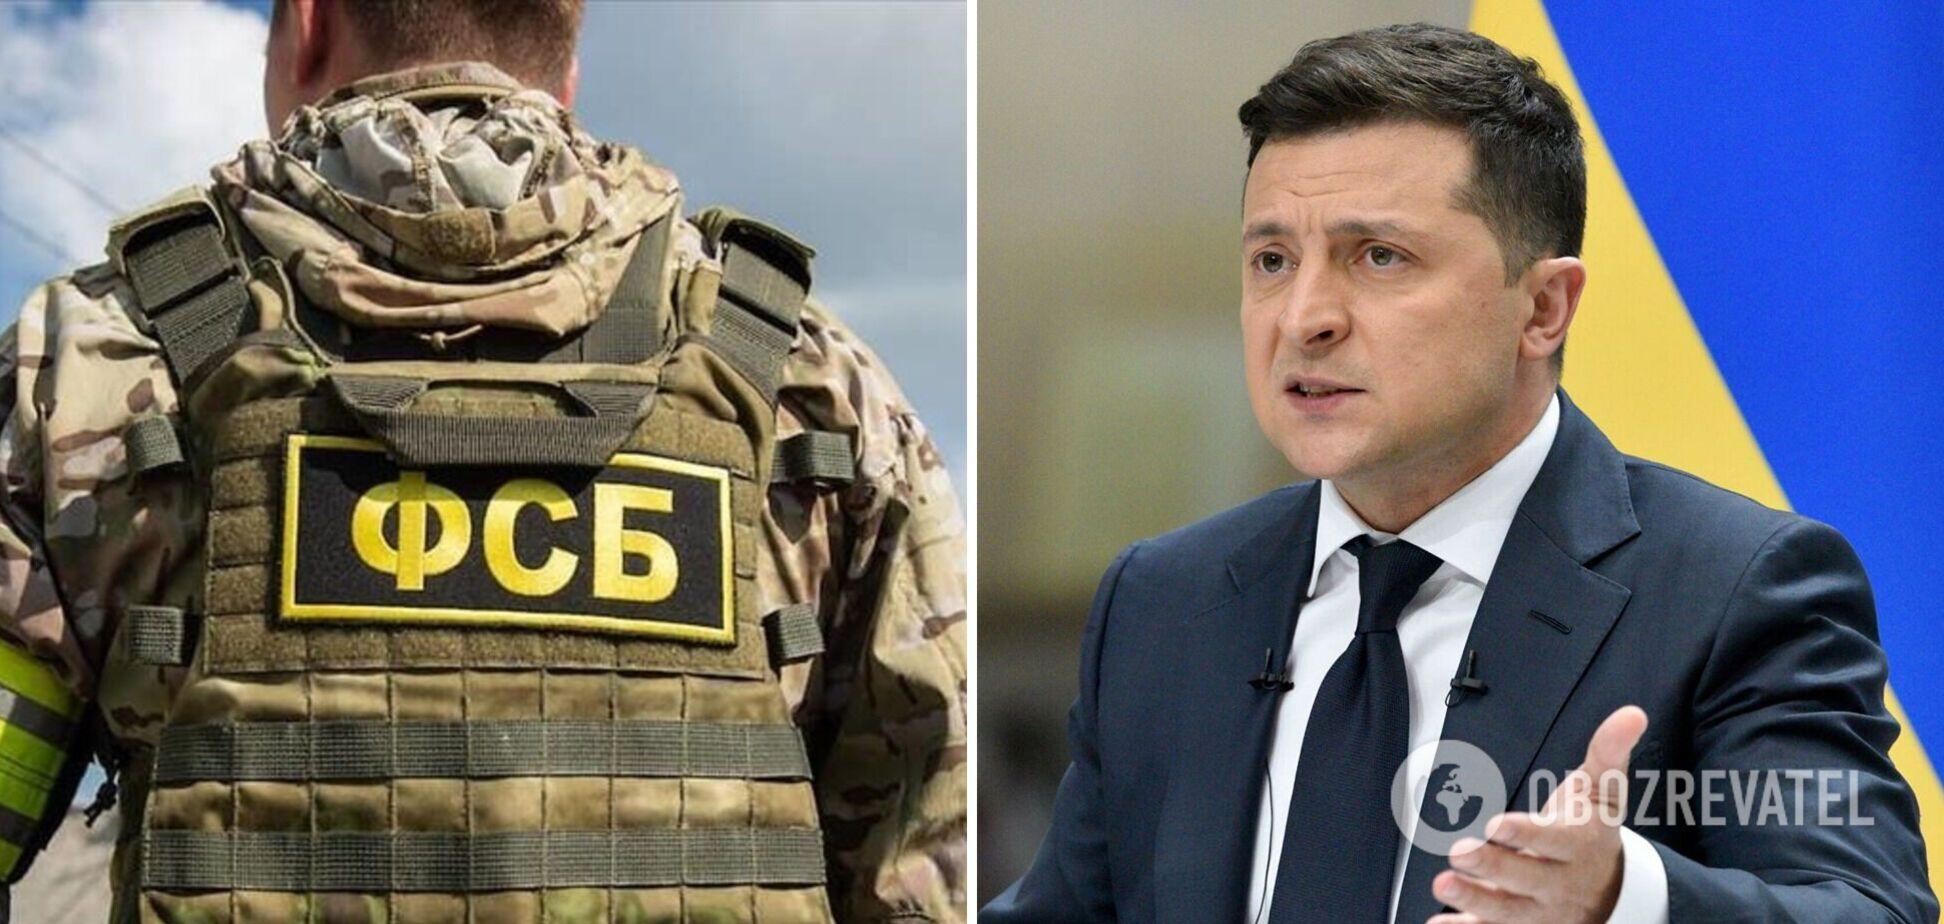 Зеленский отреагировал на задержание крымских татар в Крыму